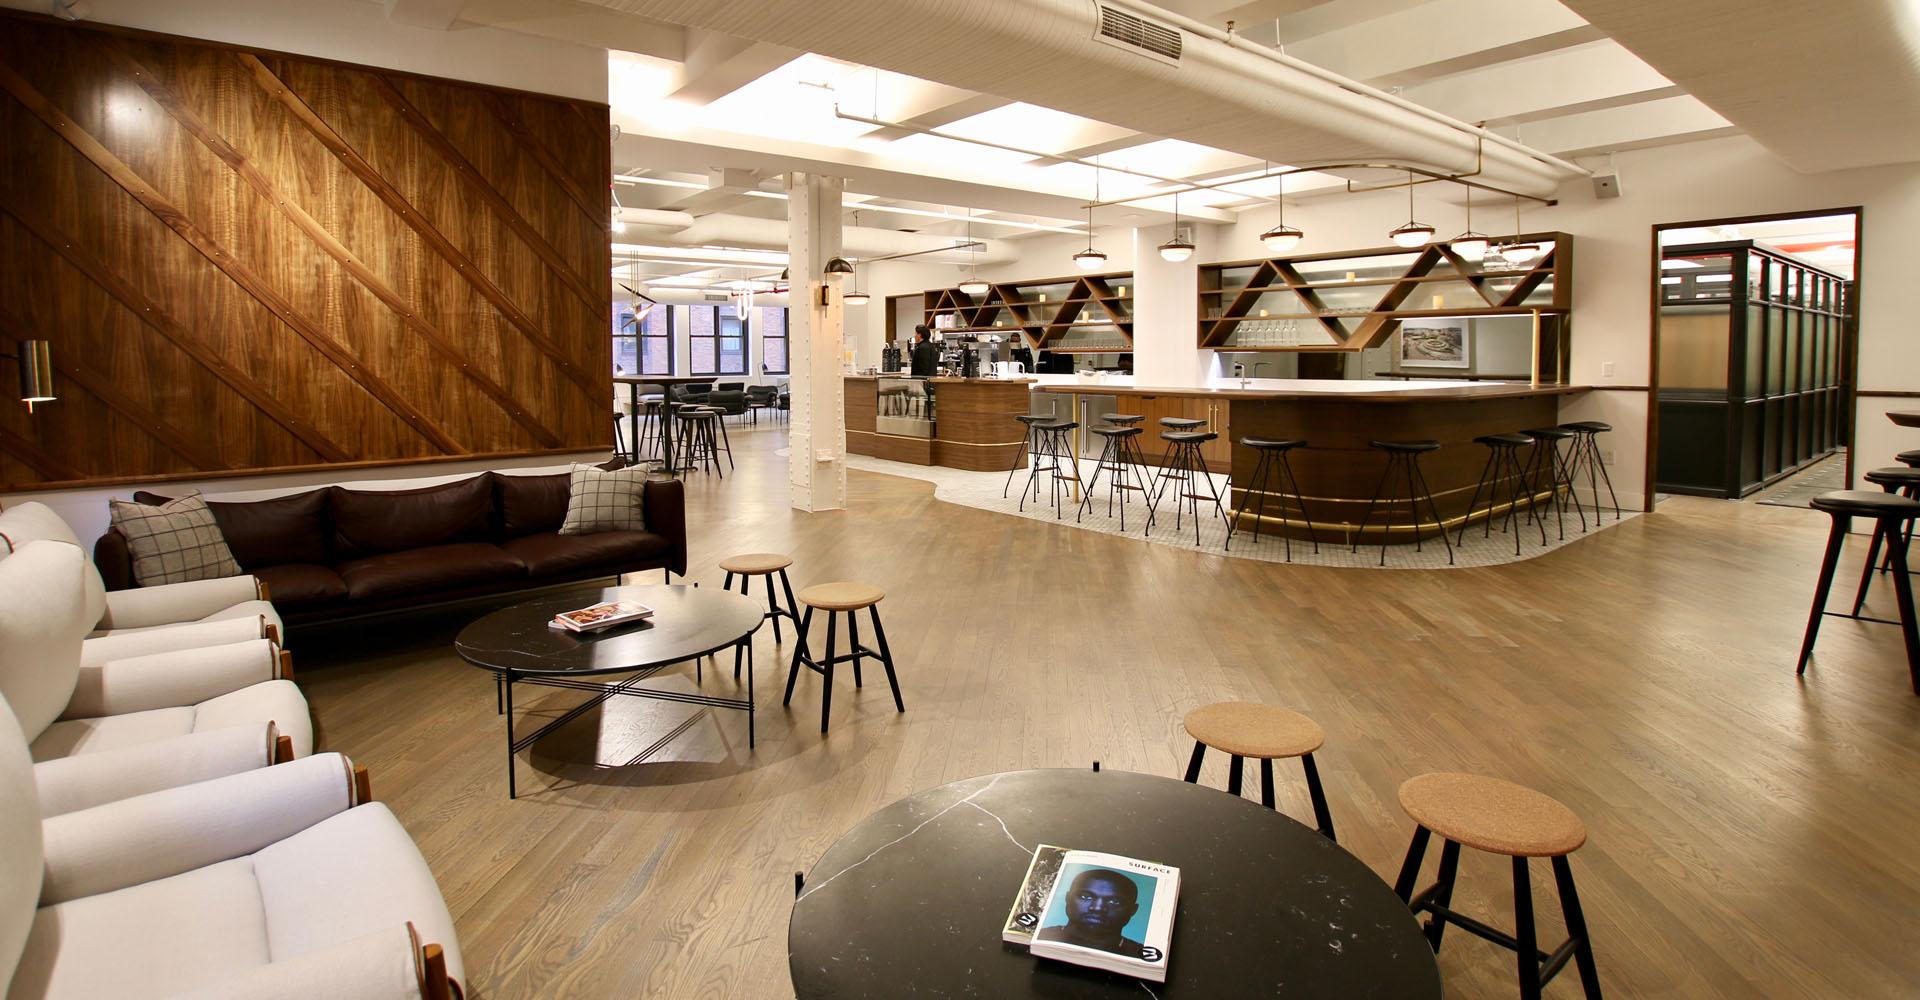 Blender Workspace Nyc Read Reviews Online